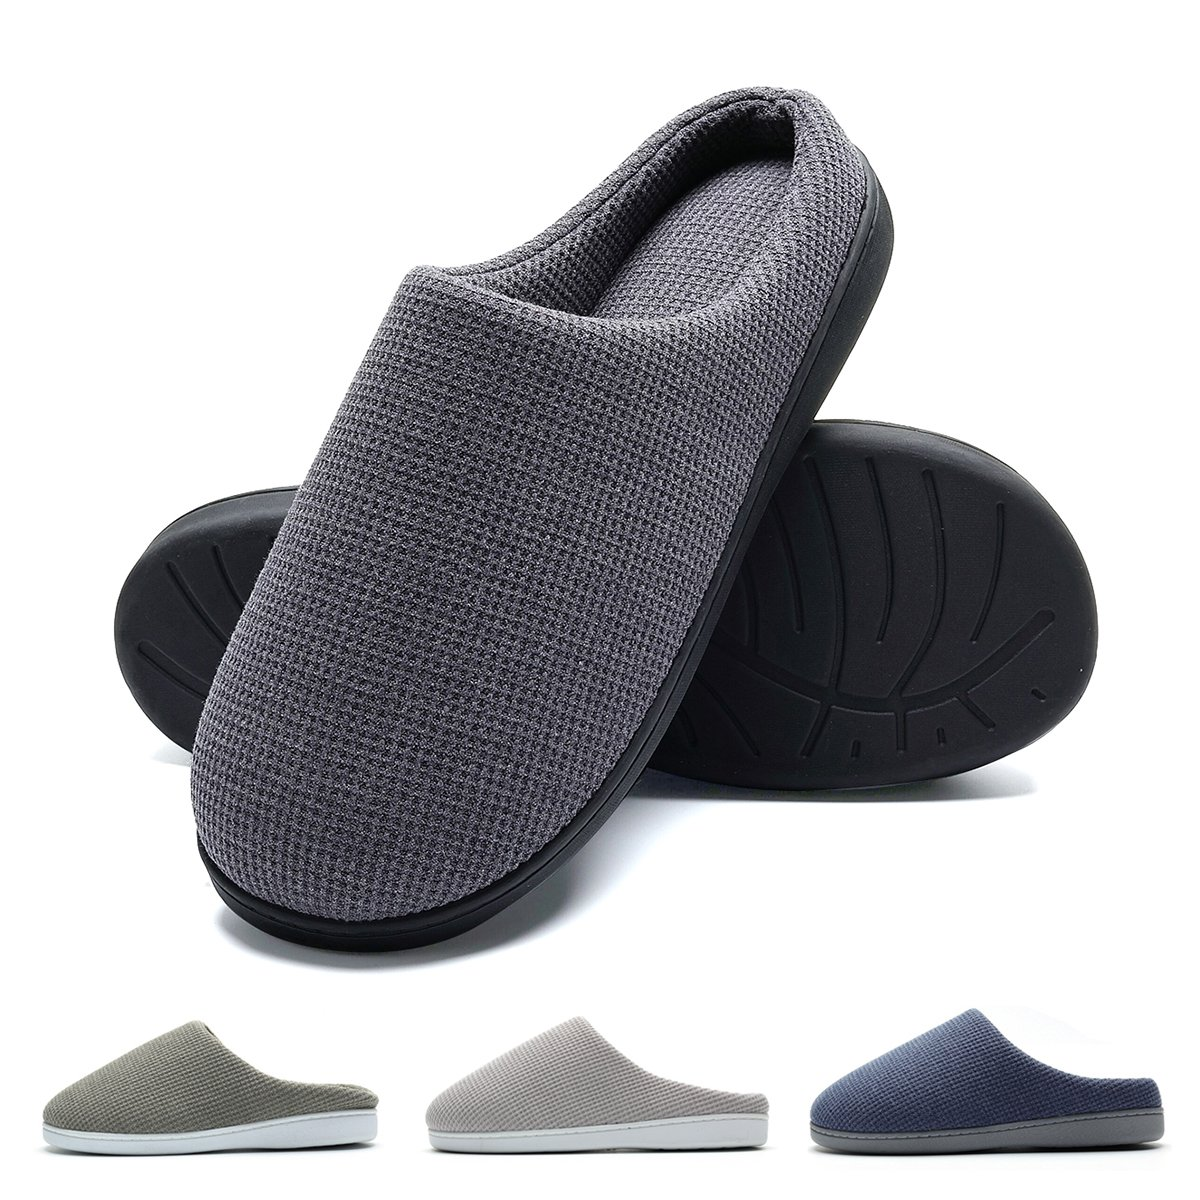 TALLA 40/41 EU. Zapatillas de casa de Hombre, Ultraligero cómodo y Antideslizante, Zapatilla de Estar por casa para Hombre